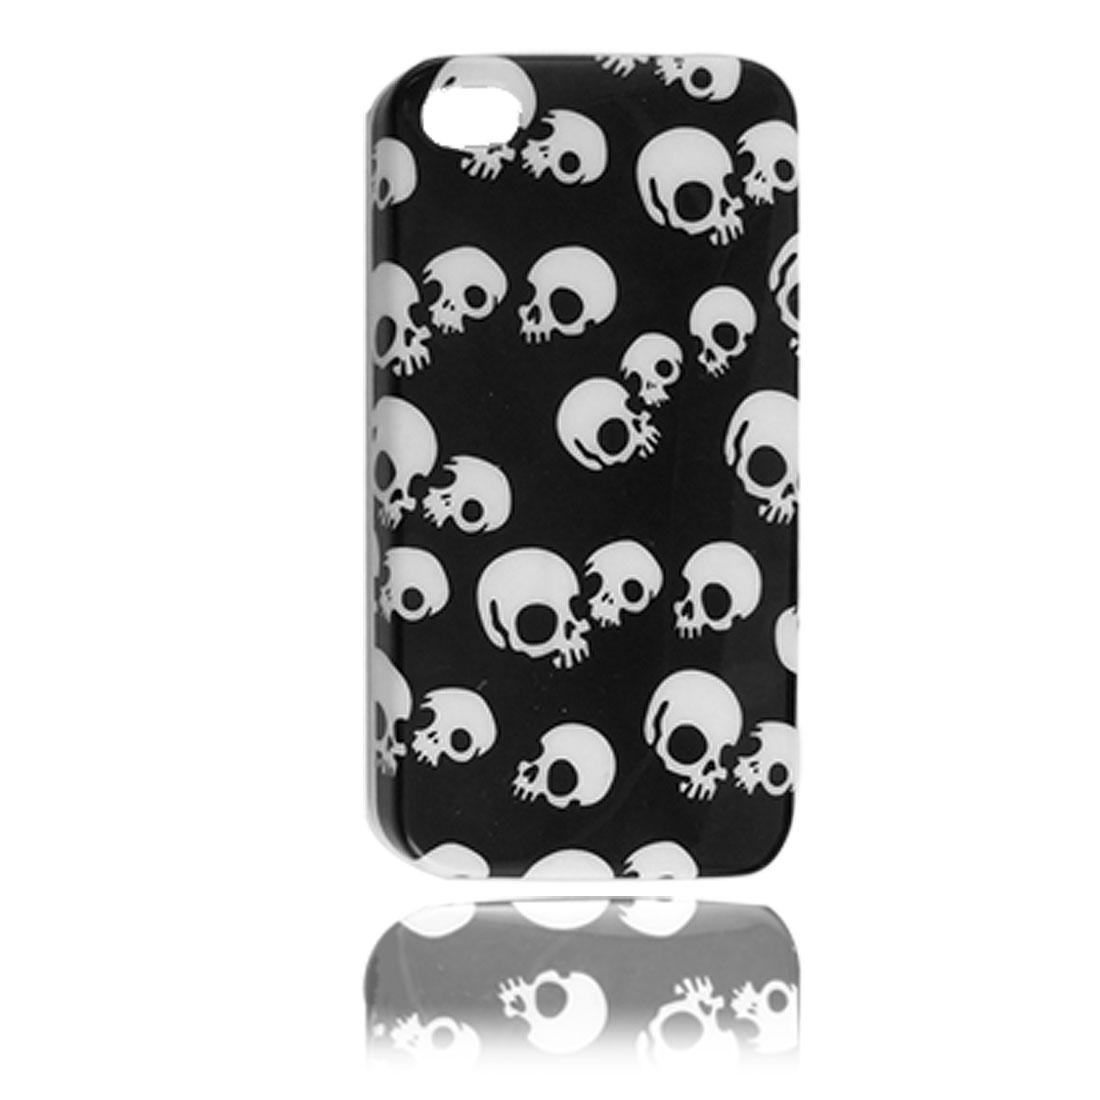 IMD White Skull Pattern Black Plastic Back Case for iPhone 4 4G